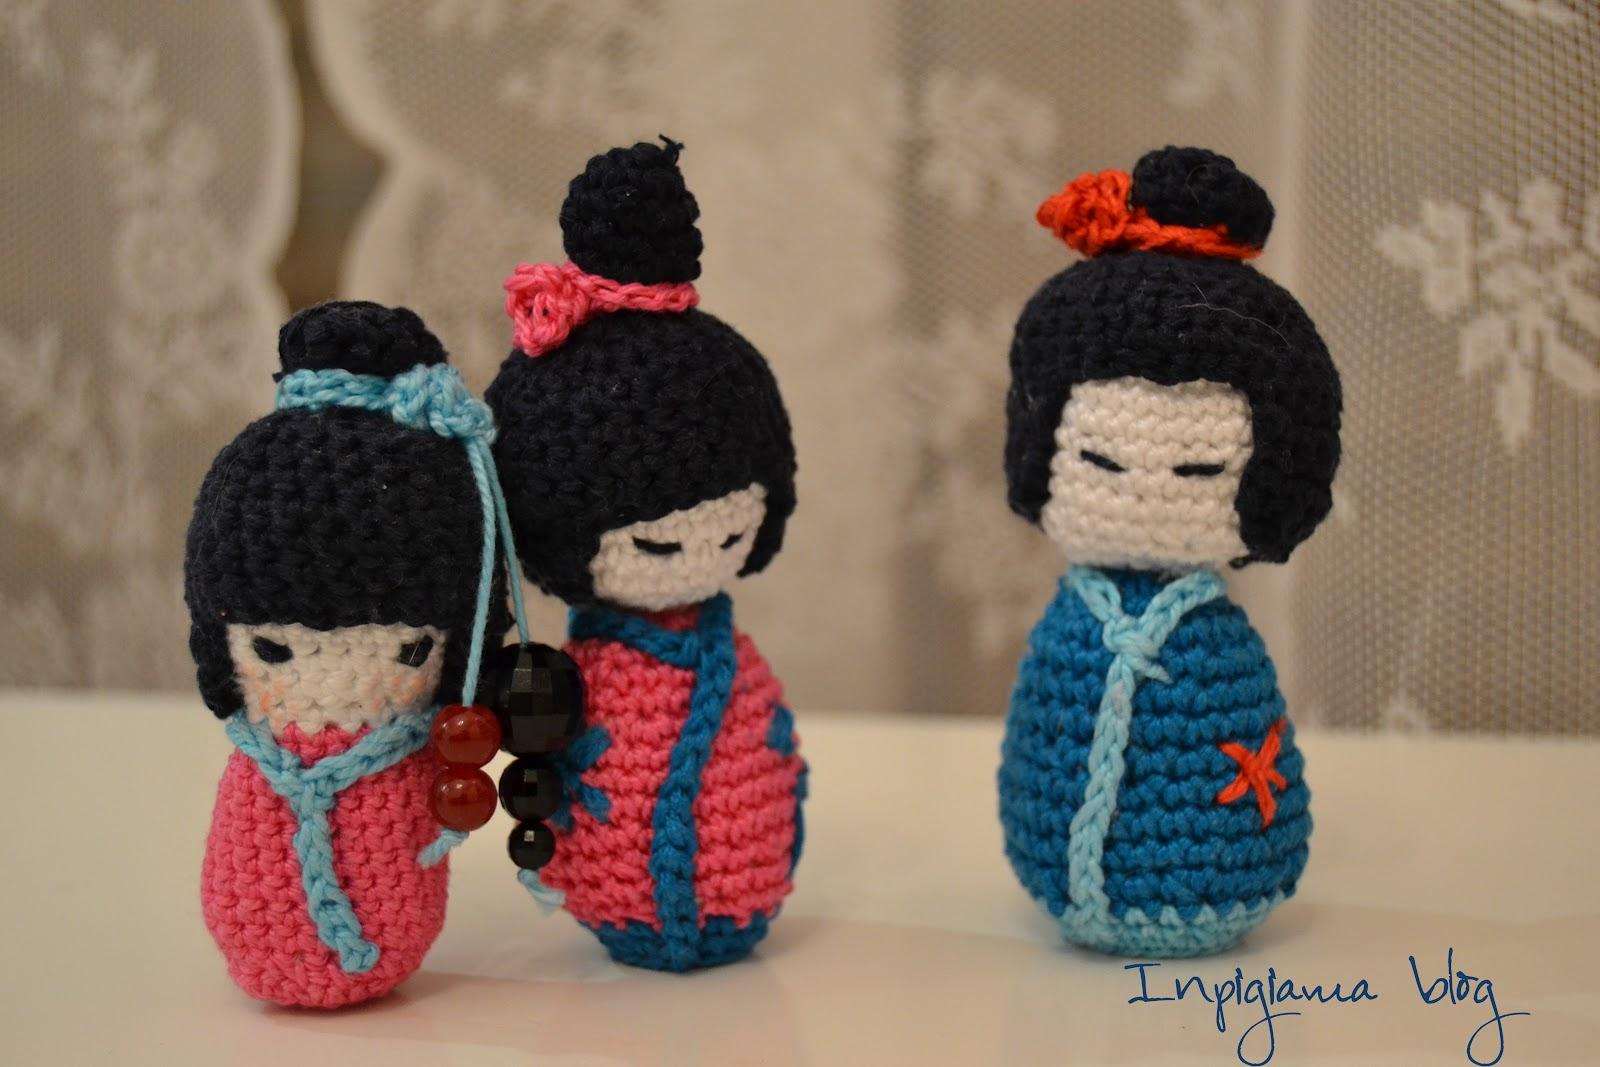 Amigurumi Uncinetto Tutorial Italiano : In pigiama come fare la kokeshi a crochet tutorial in italiano